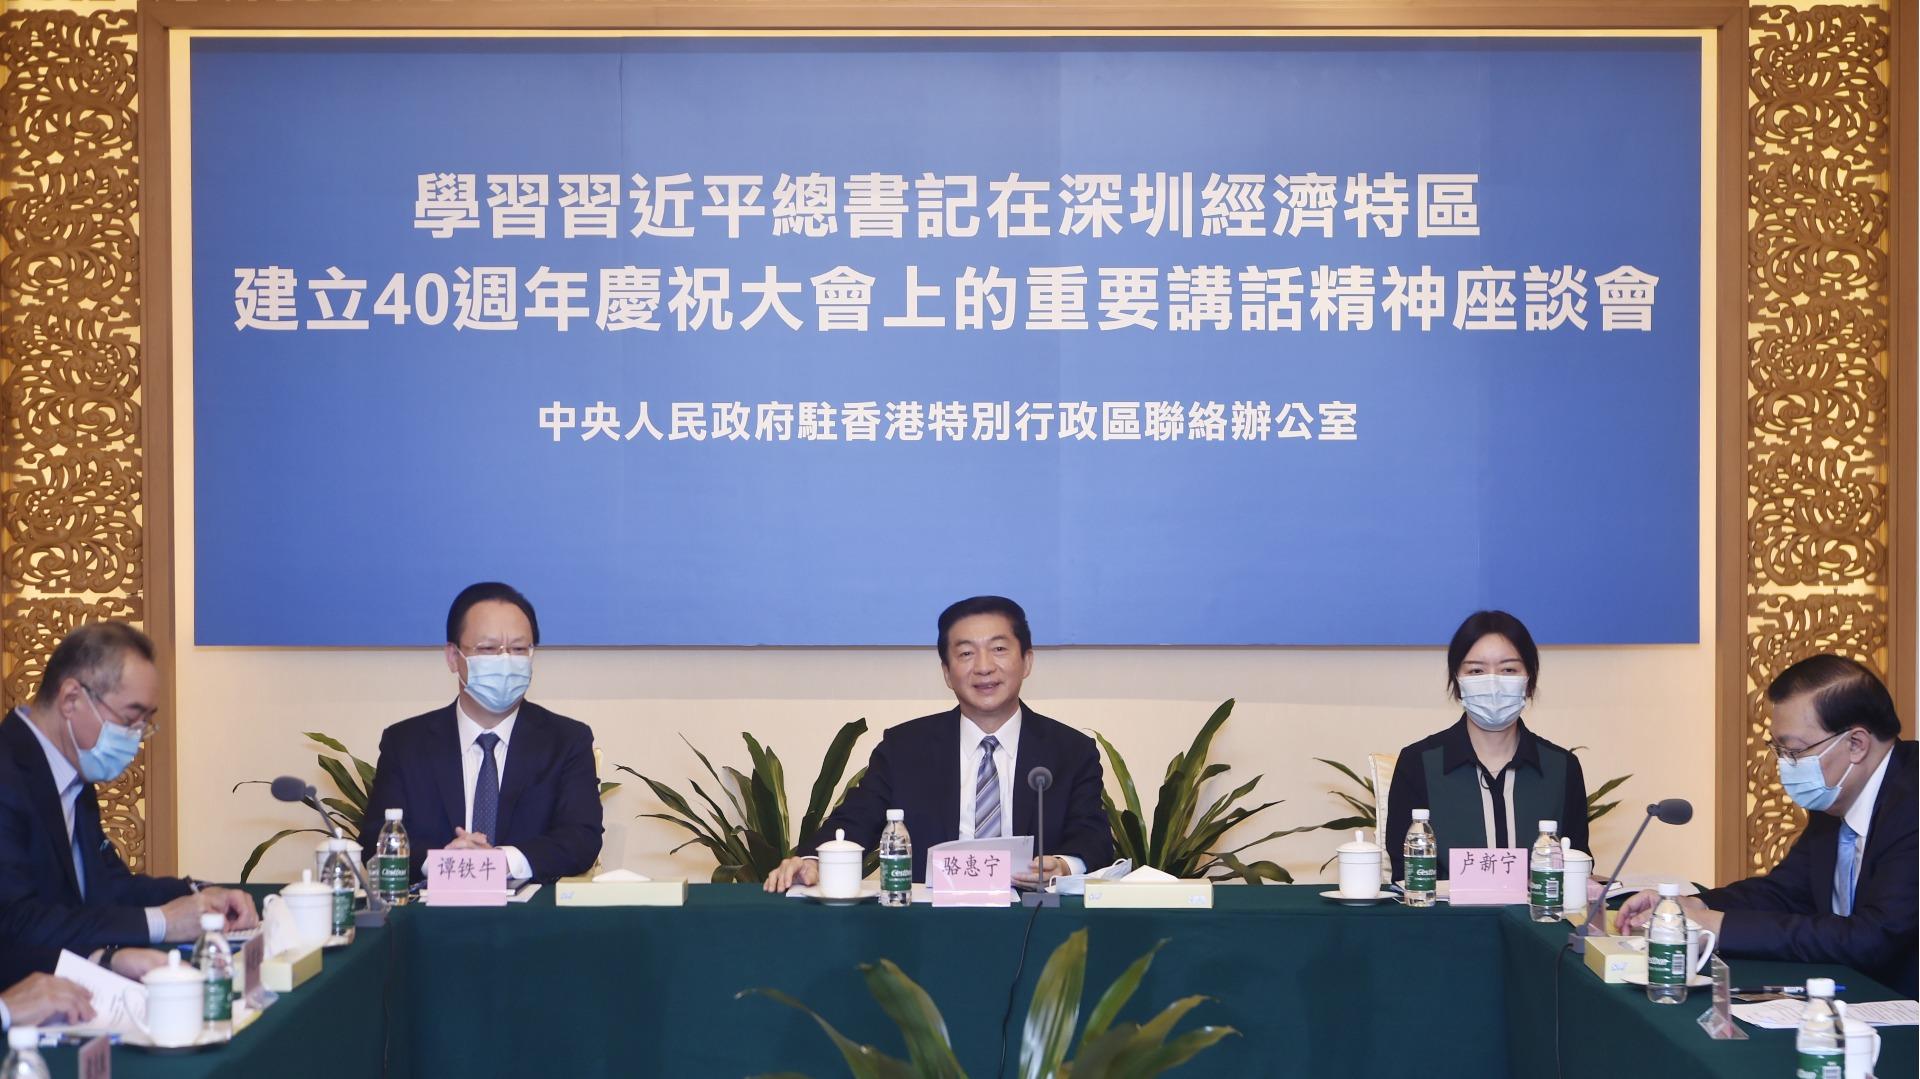 學習習近平深圳重要講話 港各界:把握歷史機遇再創輝煌